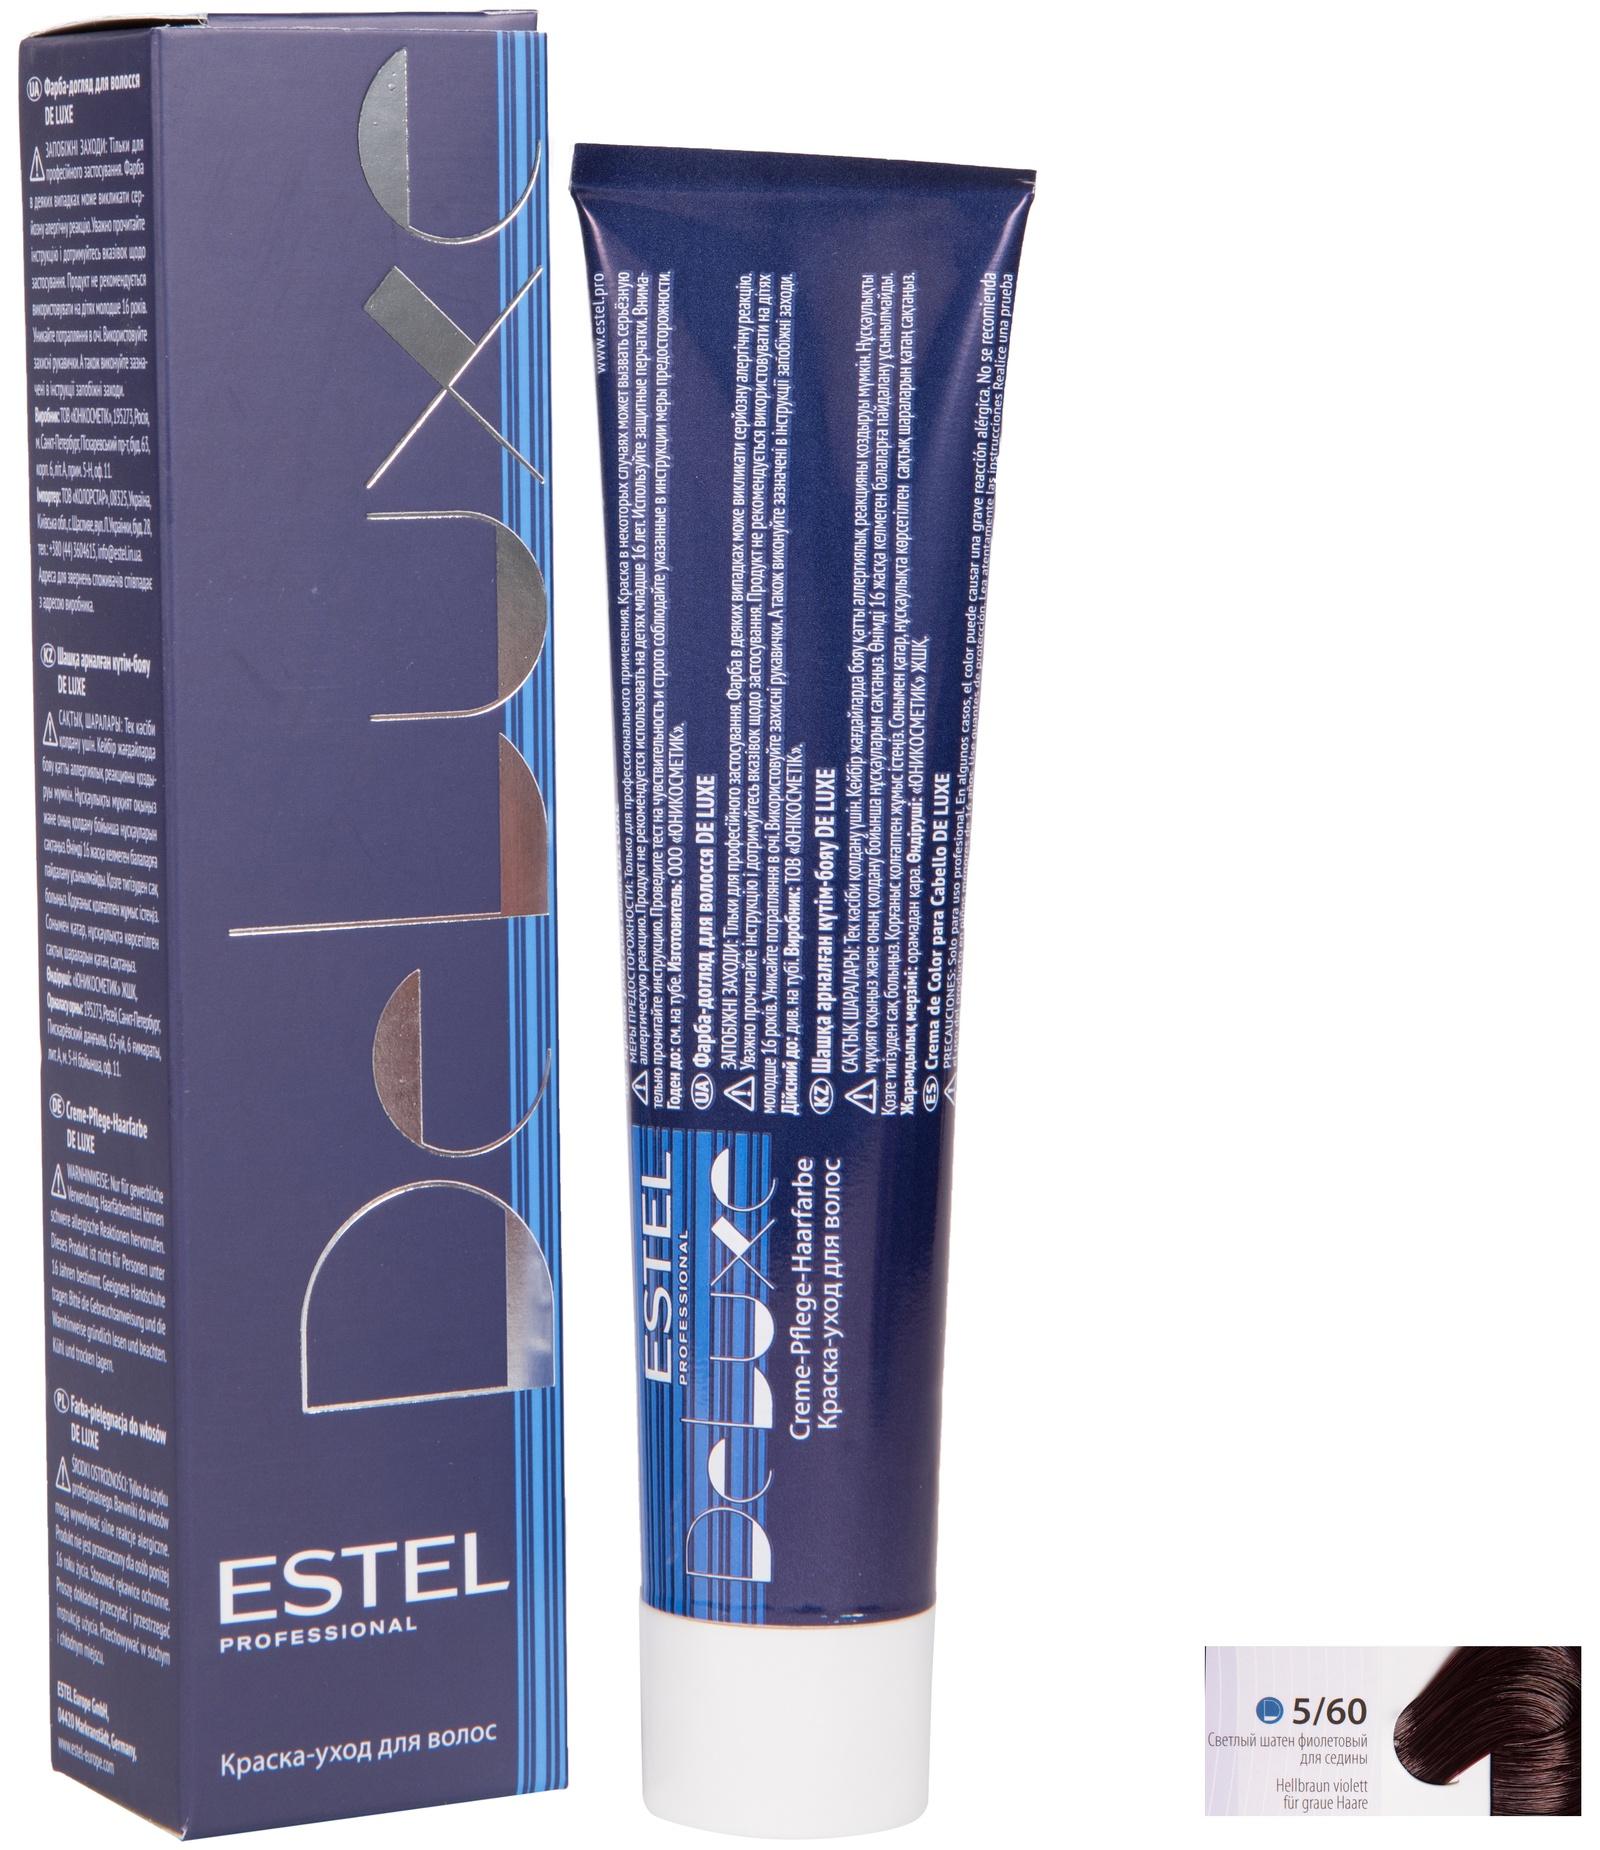 Краска для волос ESTEL PROFESSIONAL 5/60 DE LUXE краска-уход для окрашивания волос, светлый шатен фиолетовый для седины 60 мл недорго, оригинальная цена